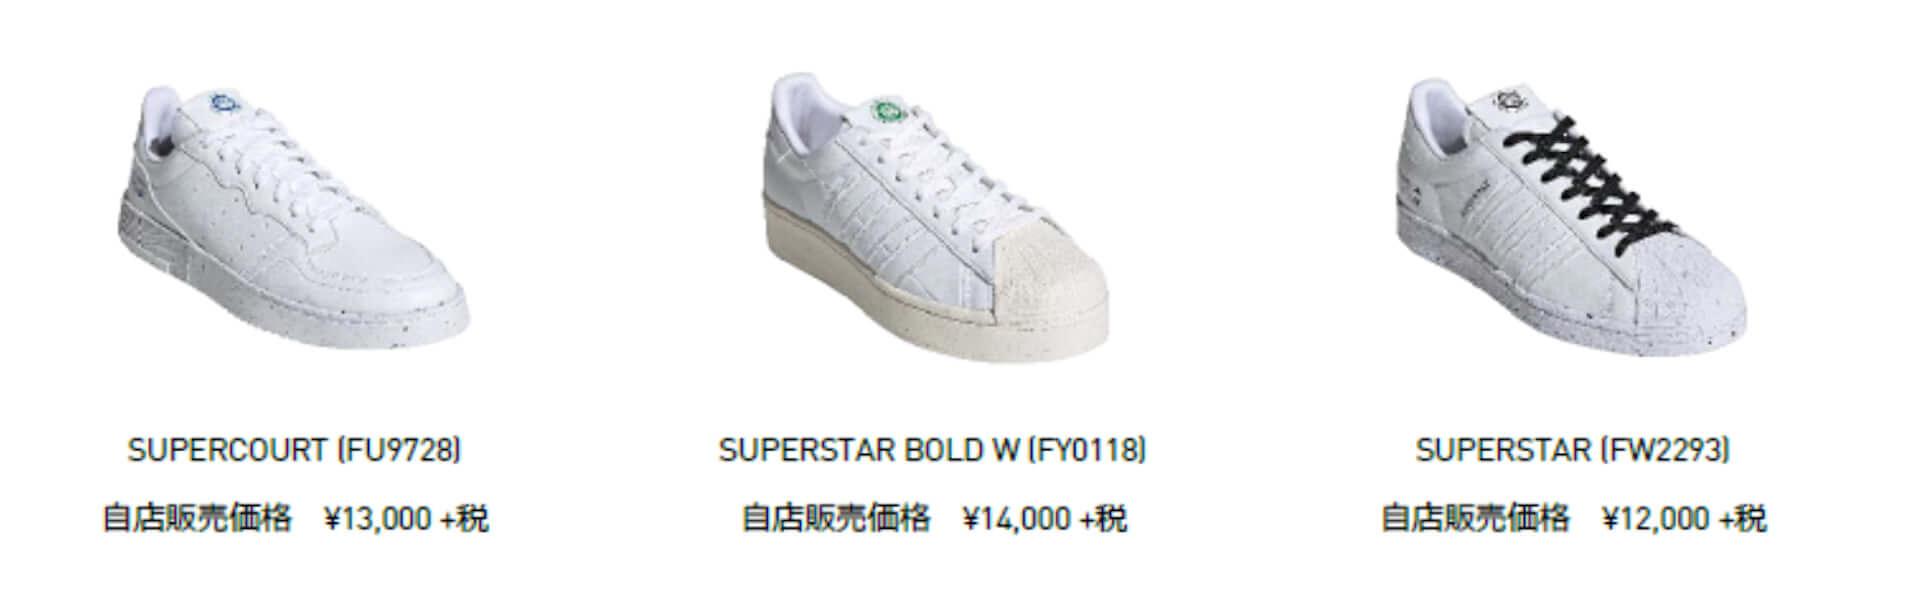 adidas Originalsがサステナブルなフットウェアコレクション「Clean Classics」を発売!名作「SUPERSTAR」「STAN SMITH」も登場 lf200804_adidas-cleanclassics_3-1920x606